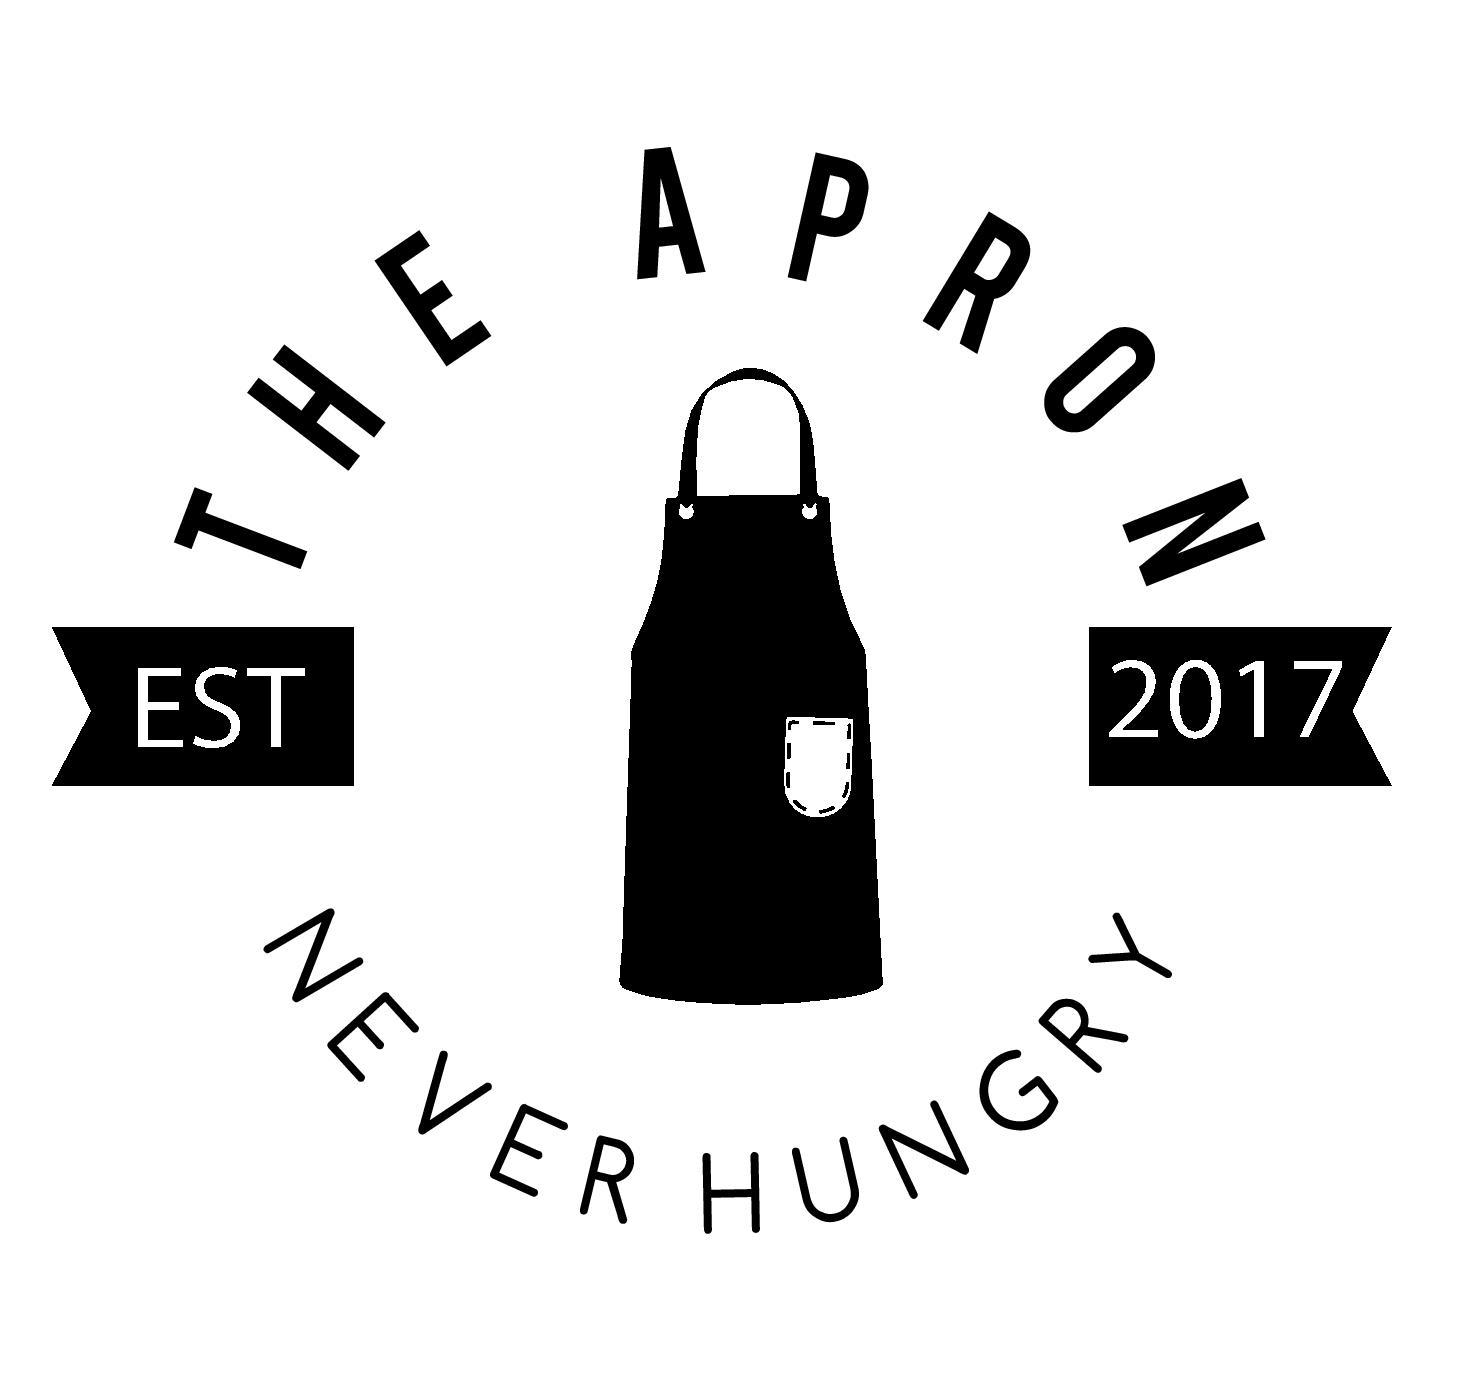 White apron singapore - The Apron